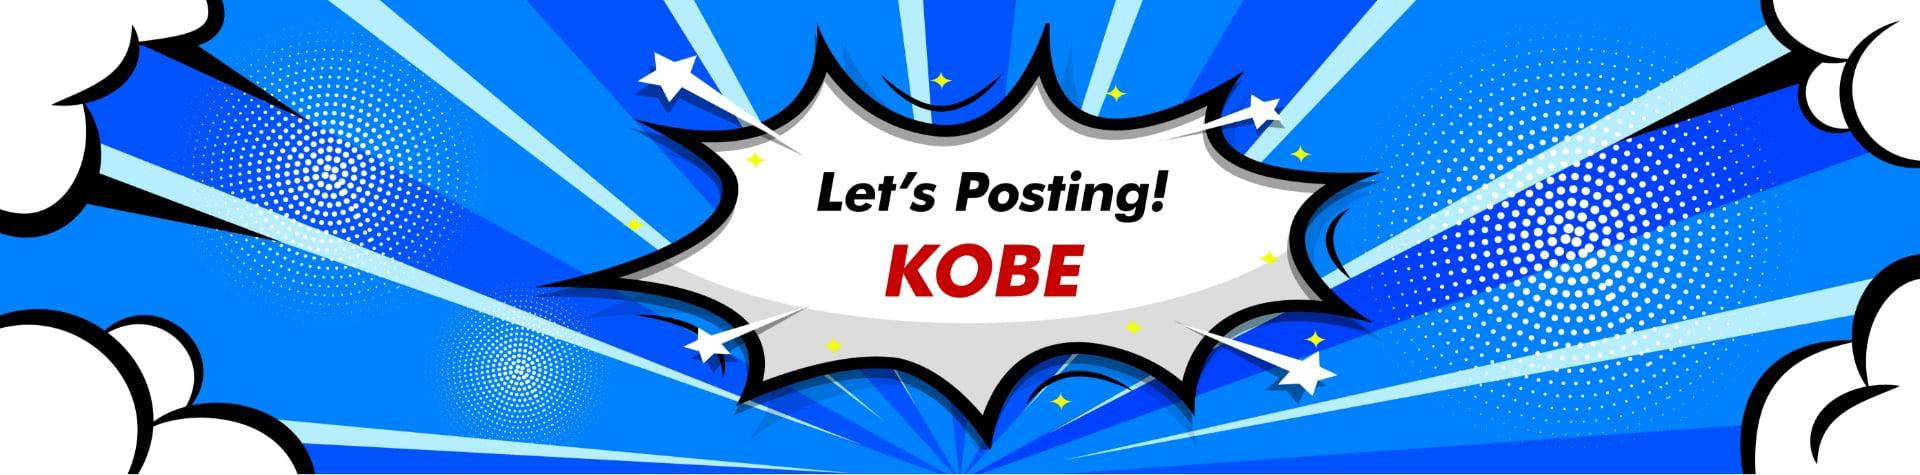 Let's Posting! -kobe-